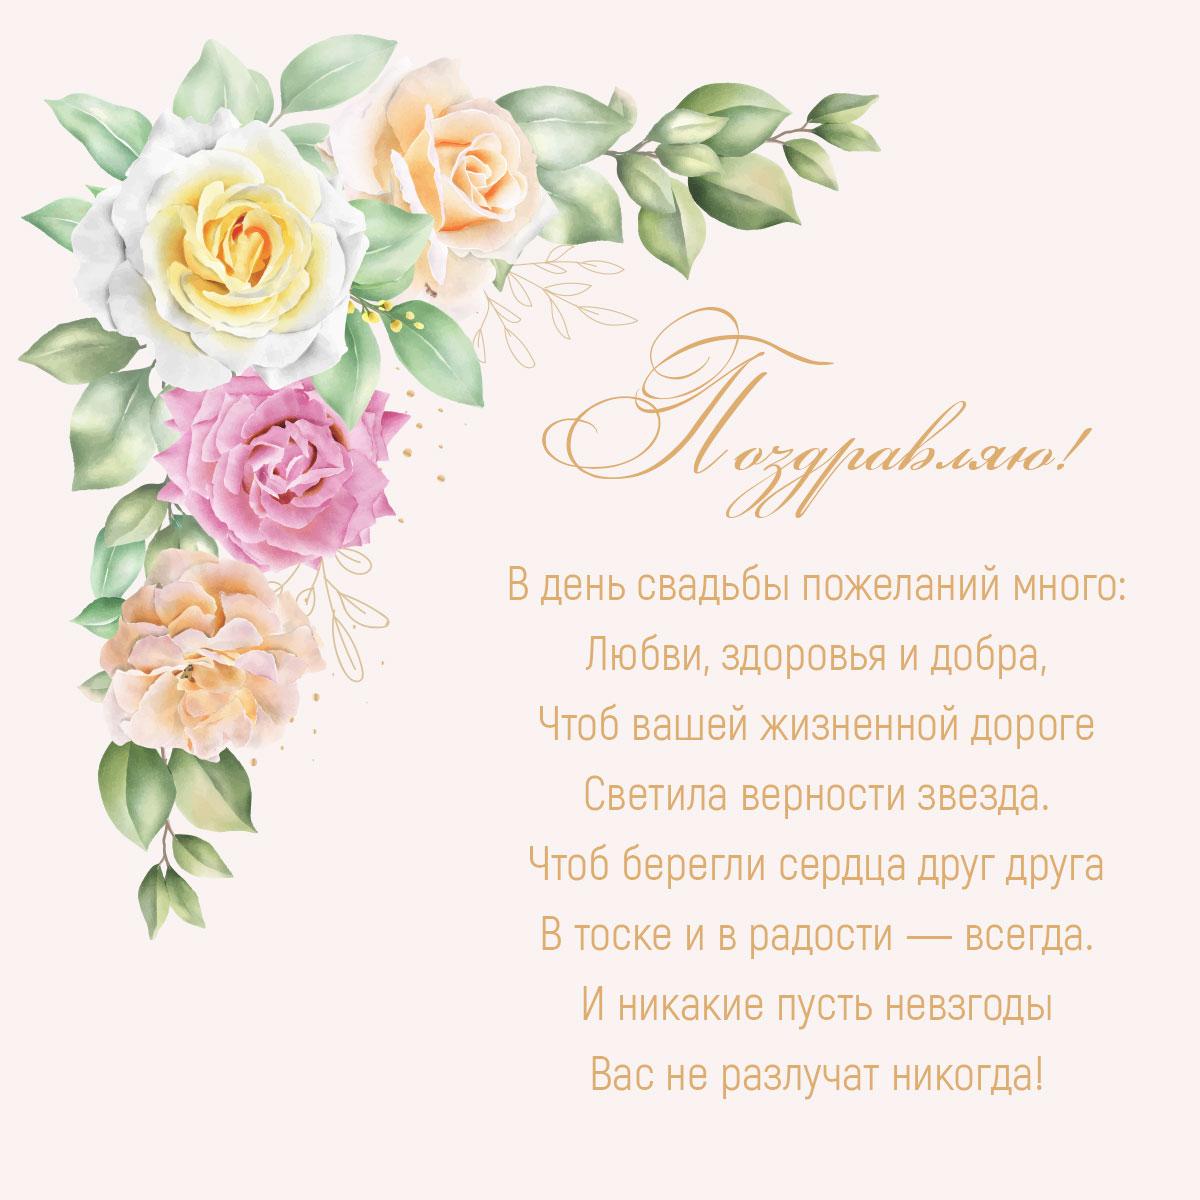 Картинка с текстом - красивое поздравление с днем свадьбы: цветочная композиция из бутонов чайной розы и зелёных листьев на нежно розовом фоне.